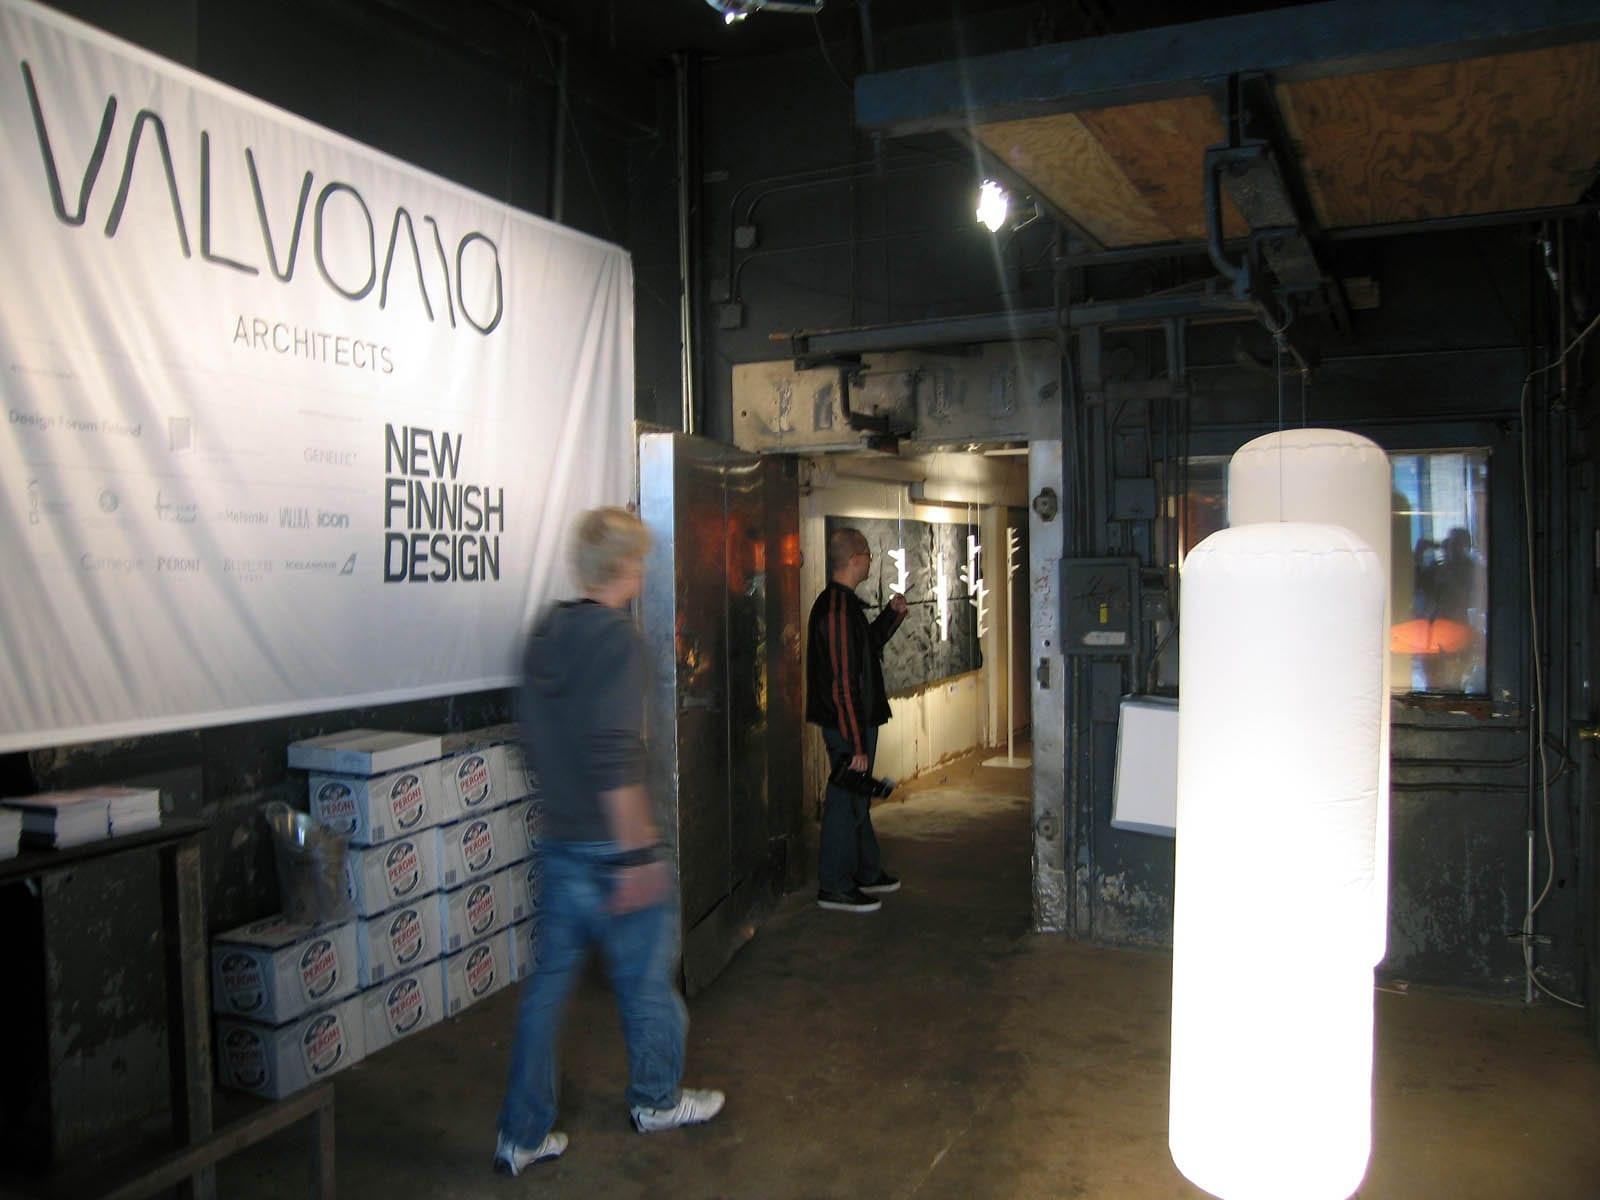 05_Valvomo NYC